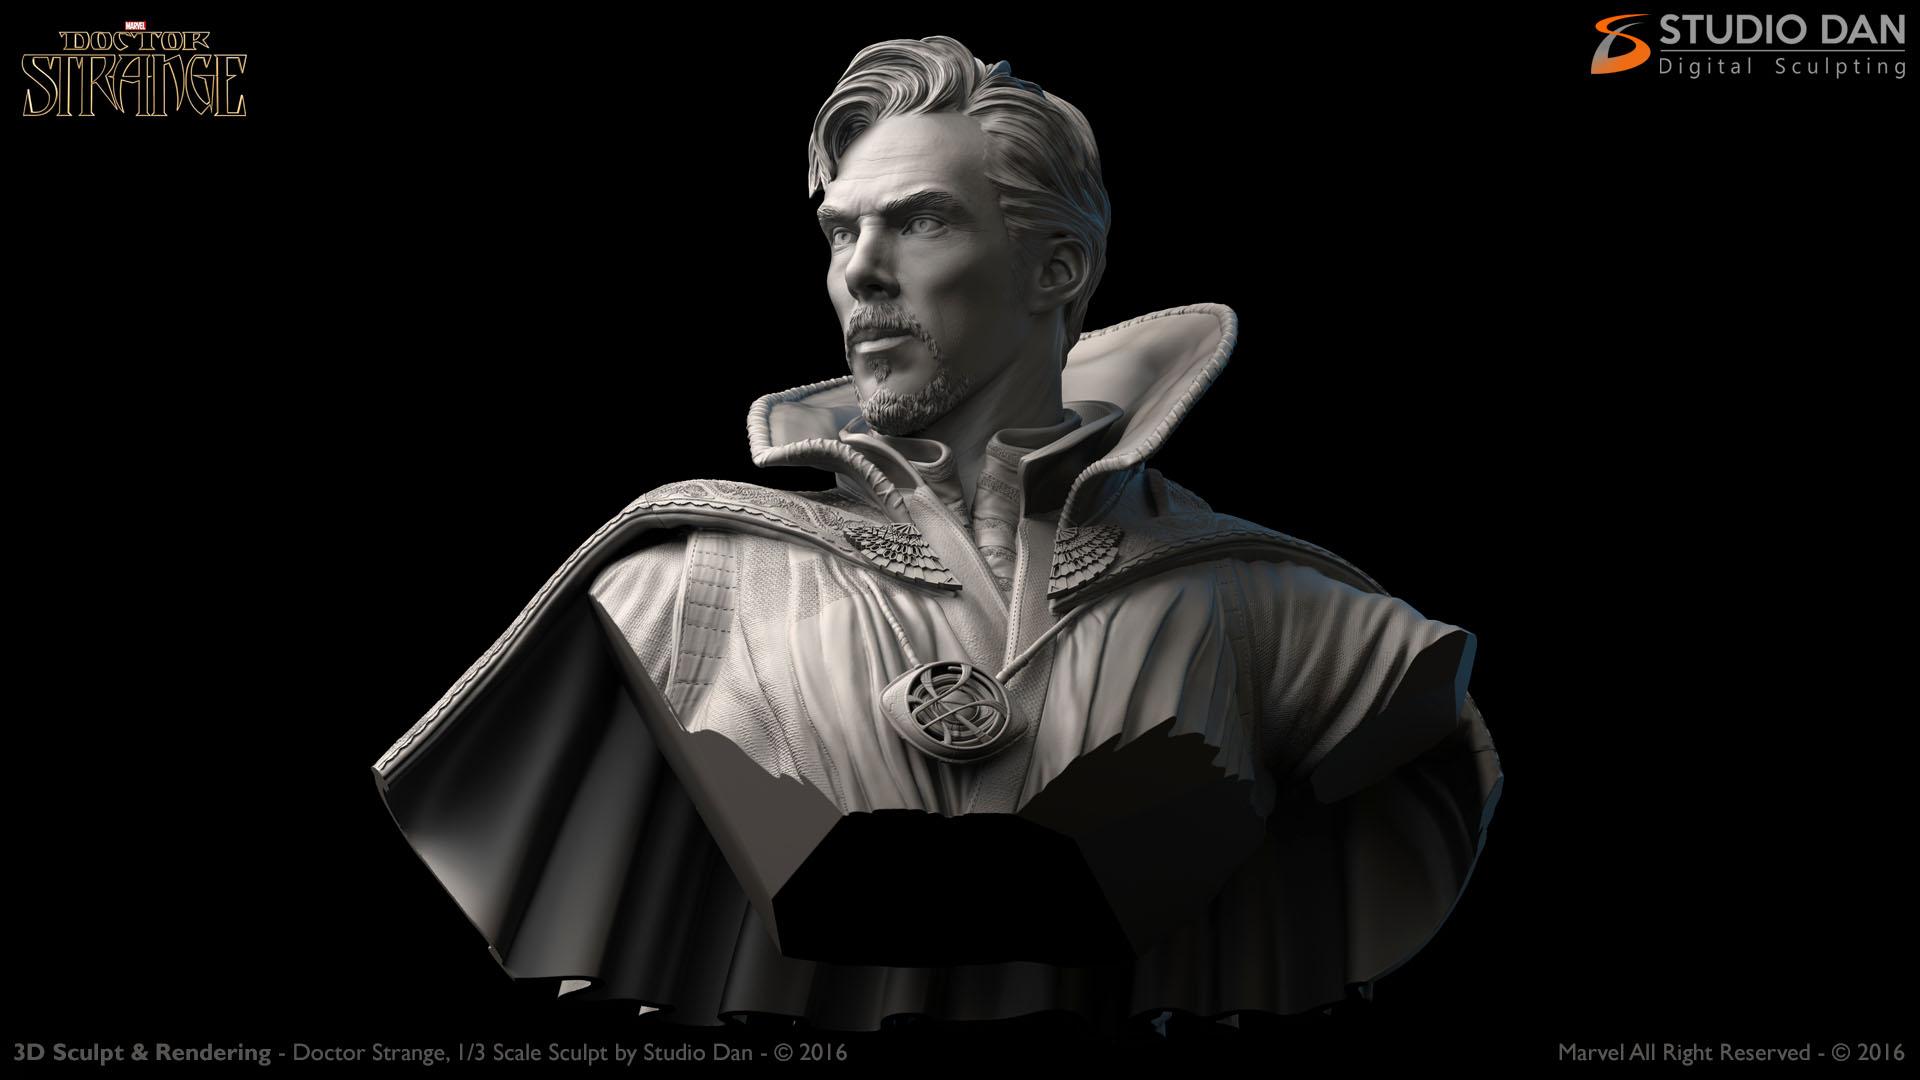 Concept 2 Model D >> 3D Head Sculpt 1/6 scale – Studio Dan Digital Sculpting